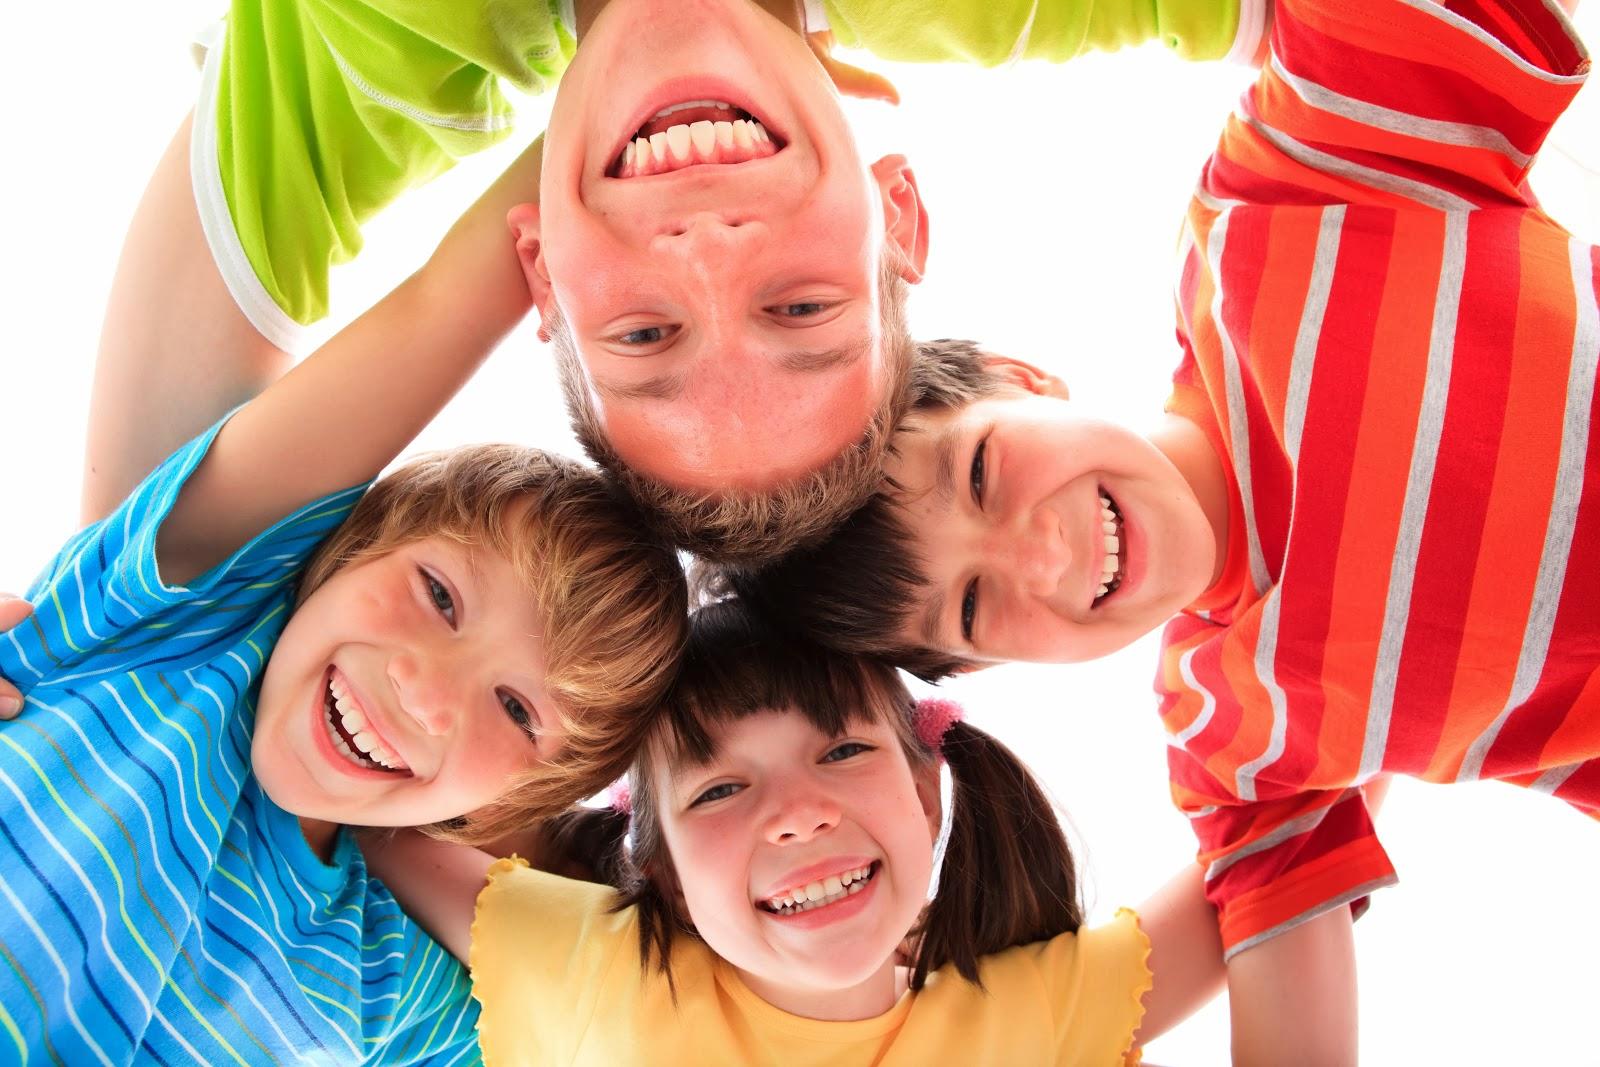 ОТП Банк страхование ребенка